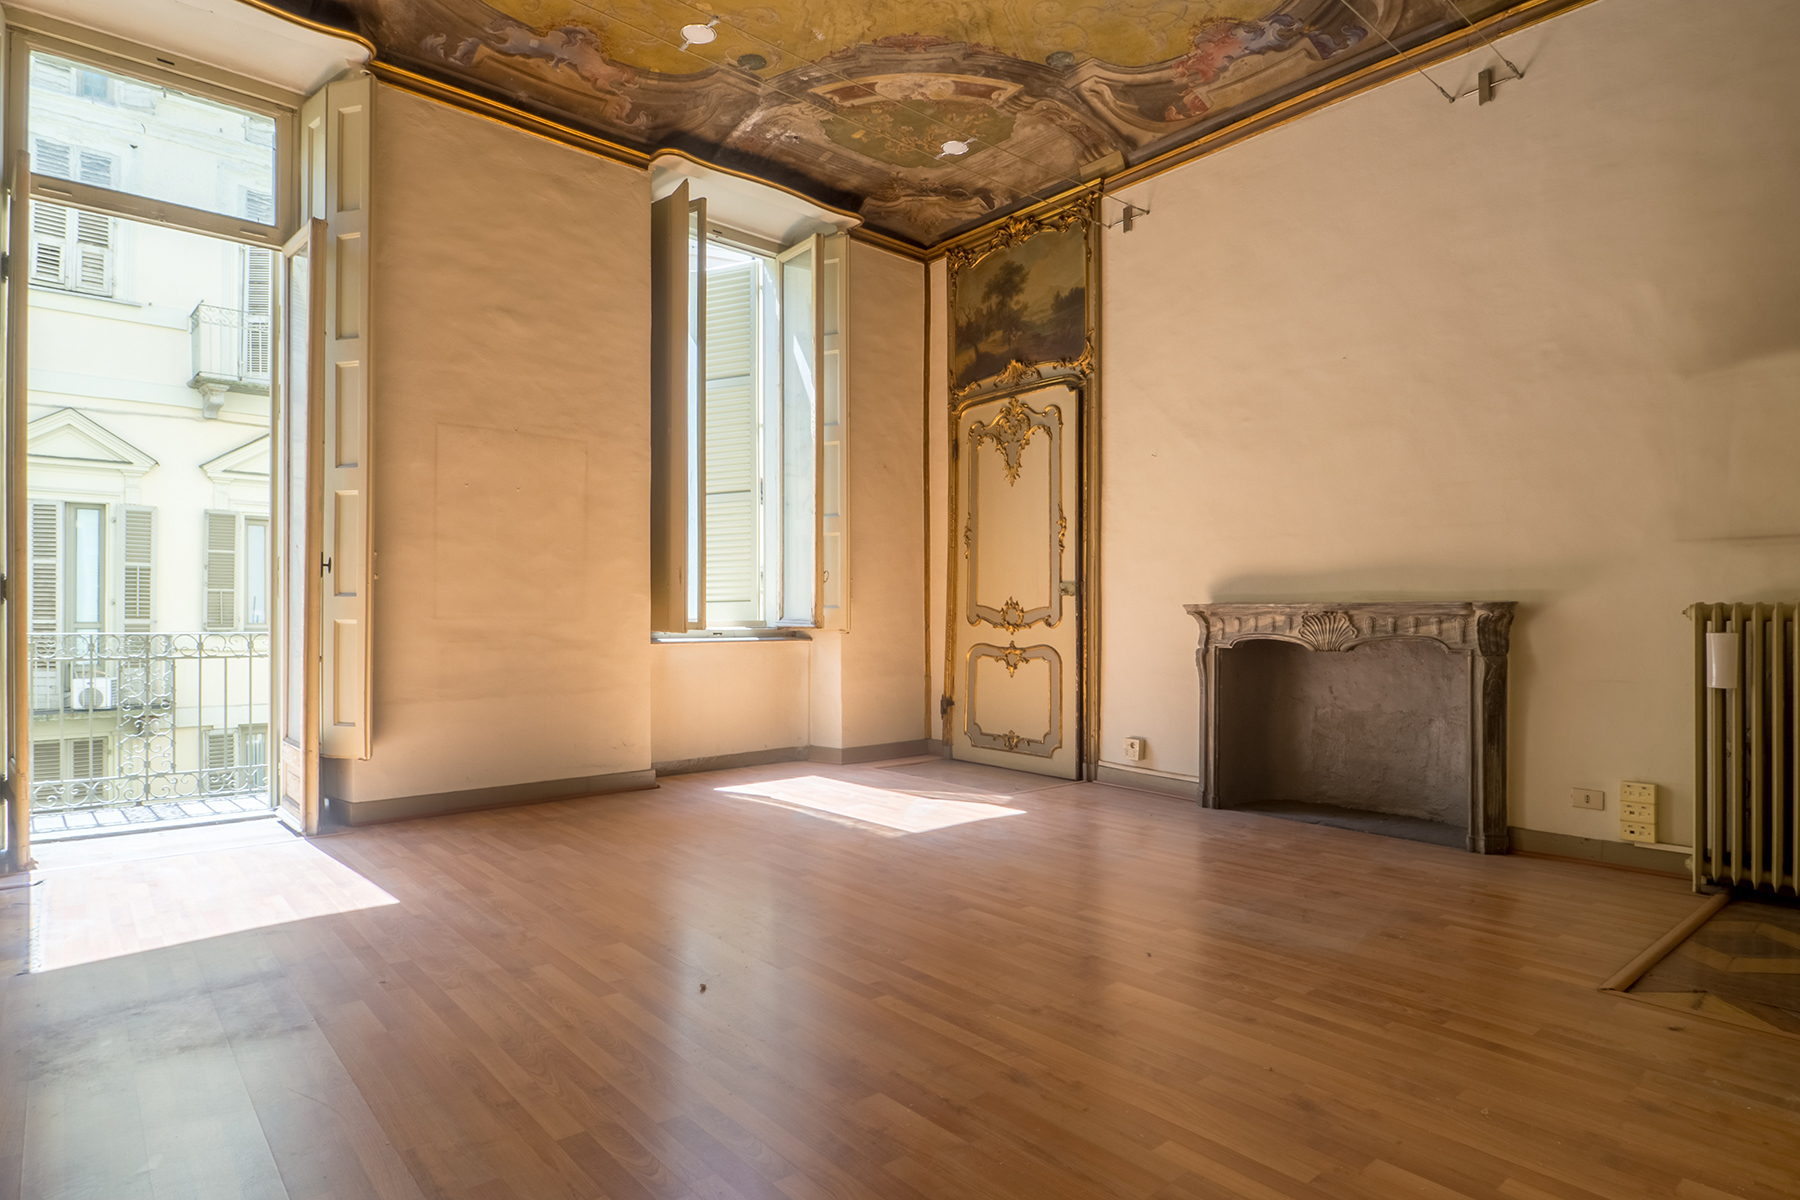 Ufficio-studio in Affitto a Torino: 5 locali, 337 mq - Foto 7